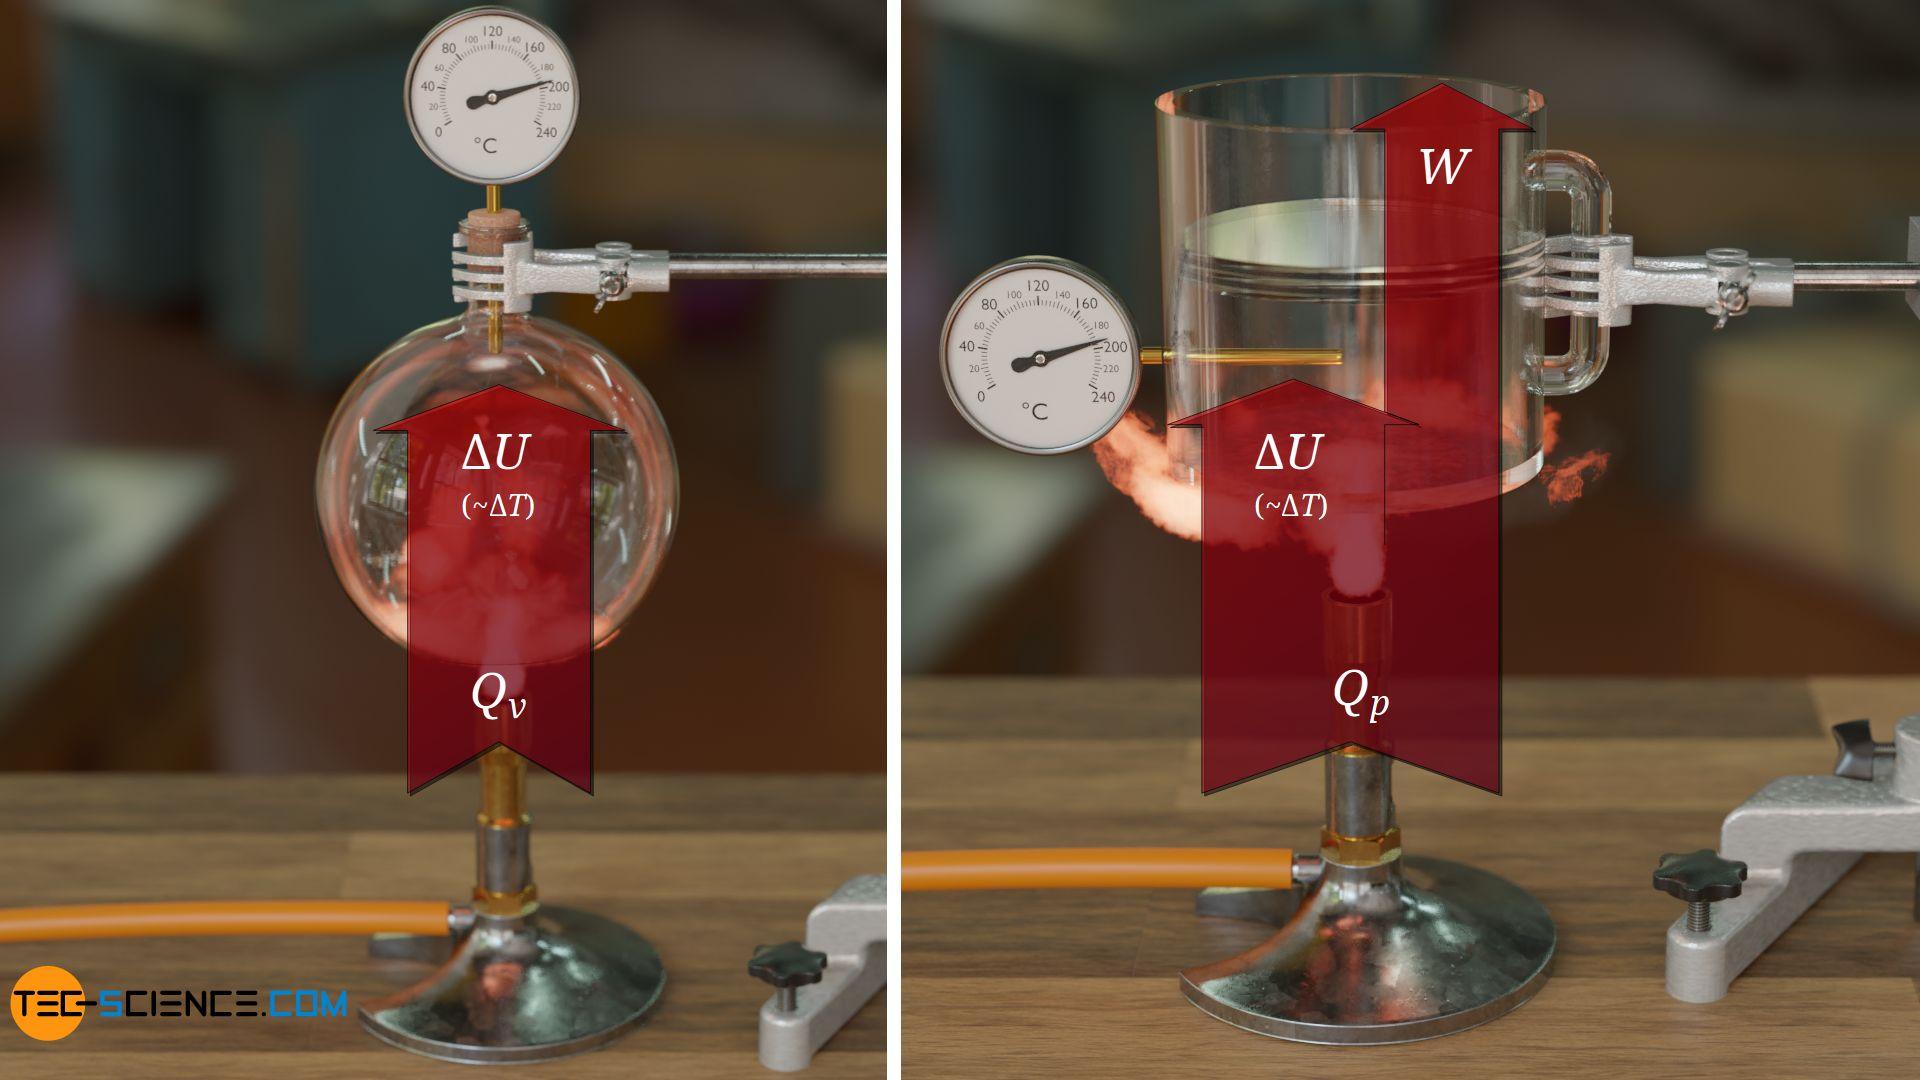 Energieflussdiagramm des isochoren und isobaren Prozesses im Vergleich